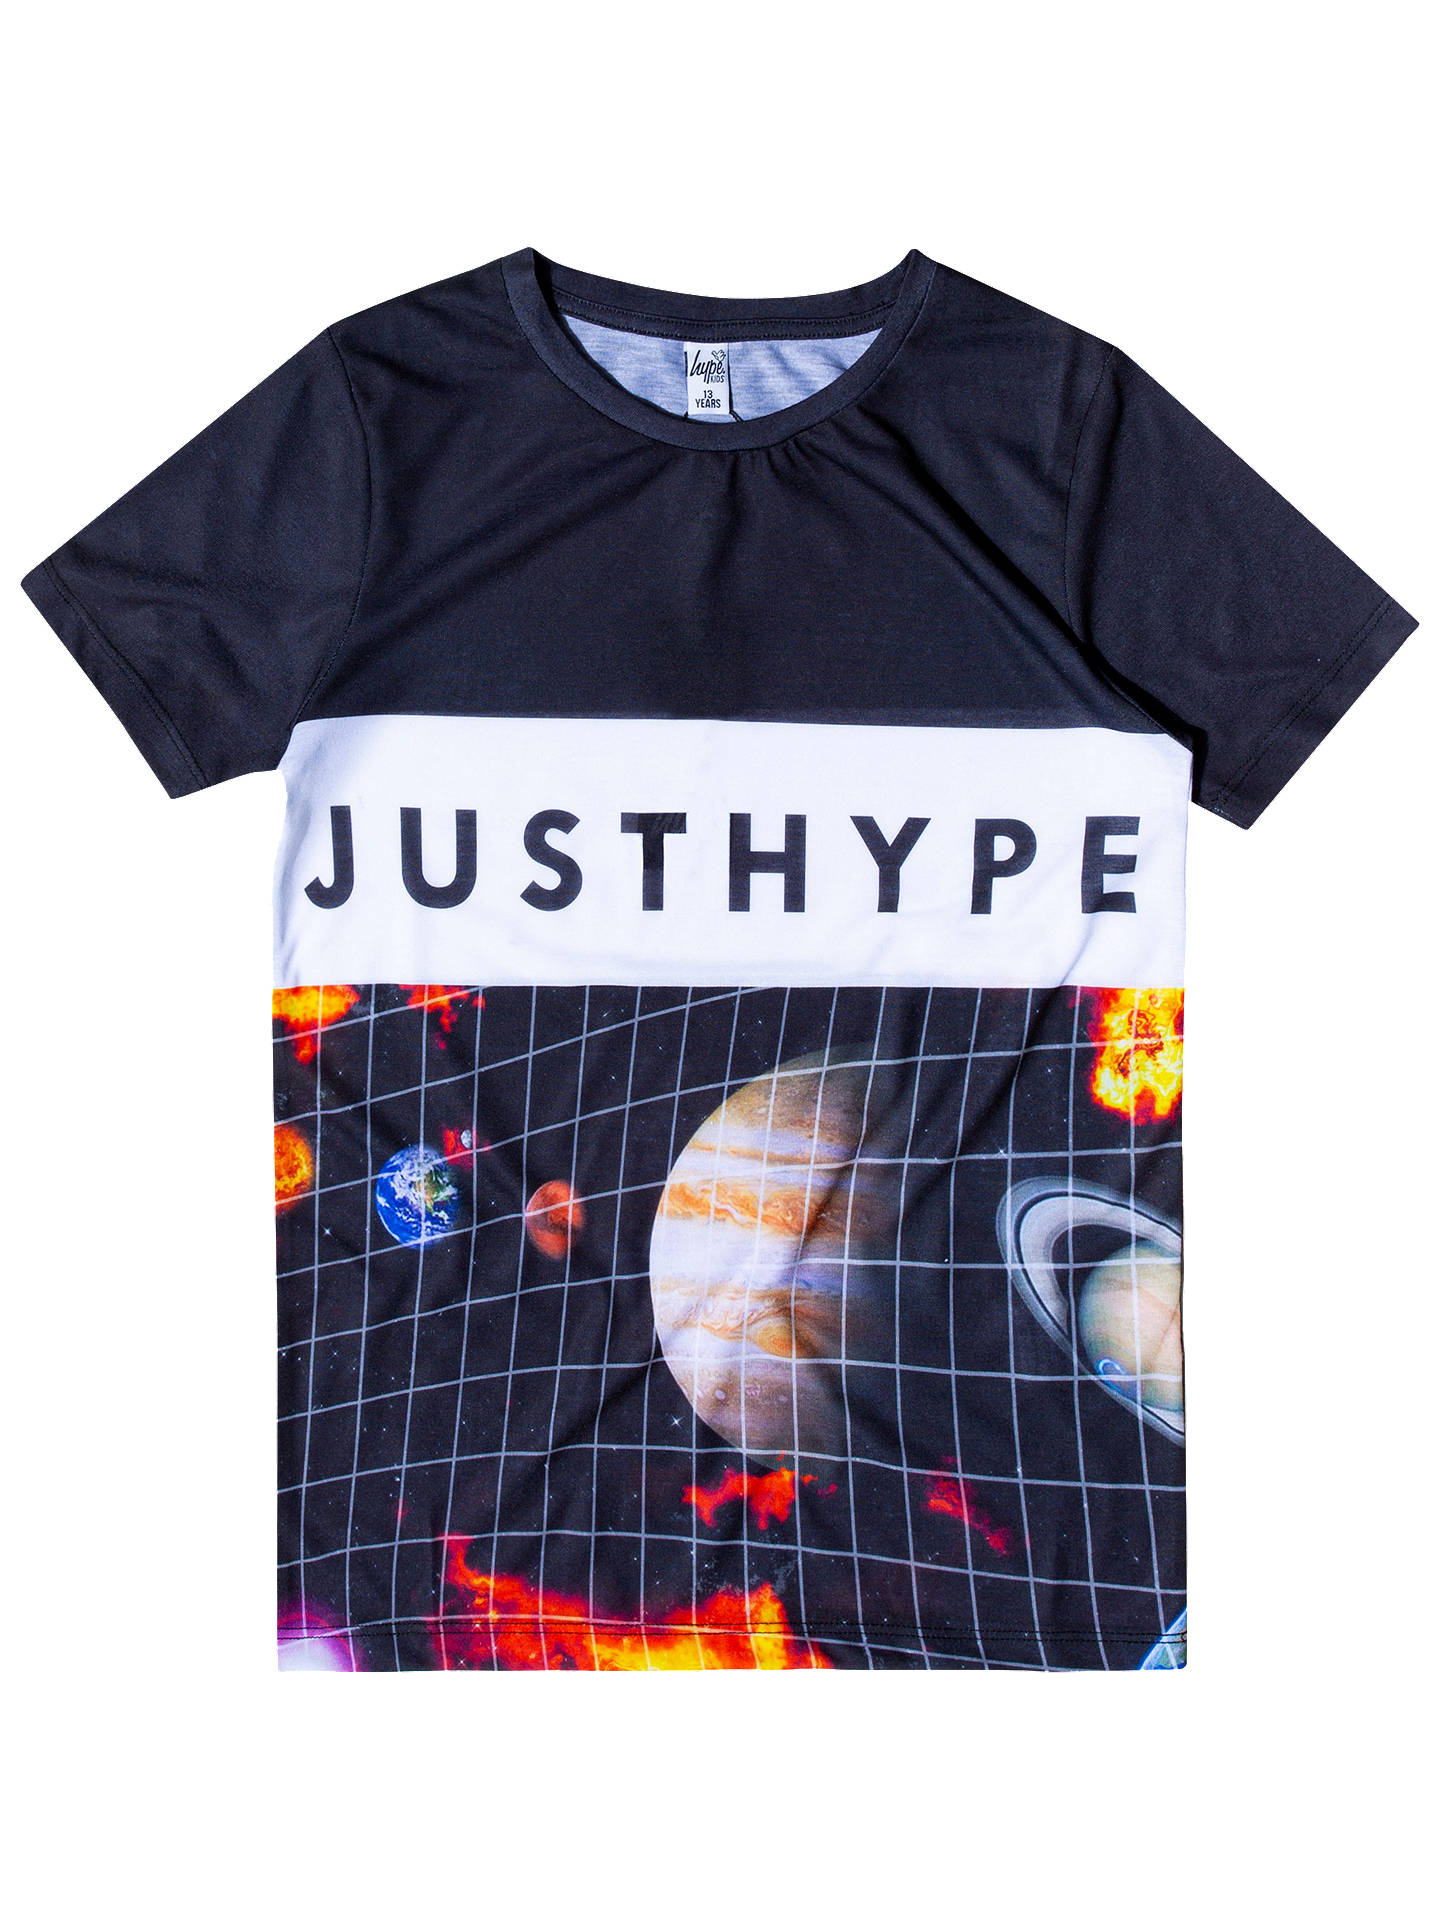 76e892f2 Hype Boys' Planets Print T-Shirt, Black/Multi at John Lewis & Partners